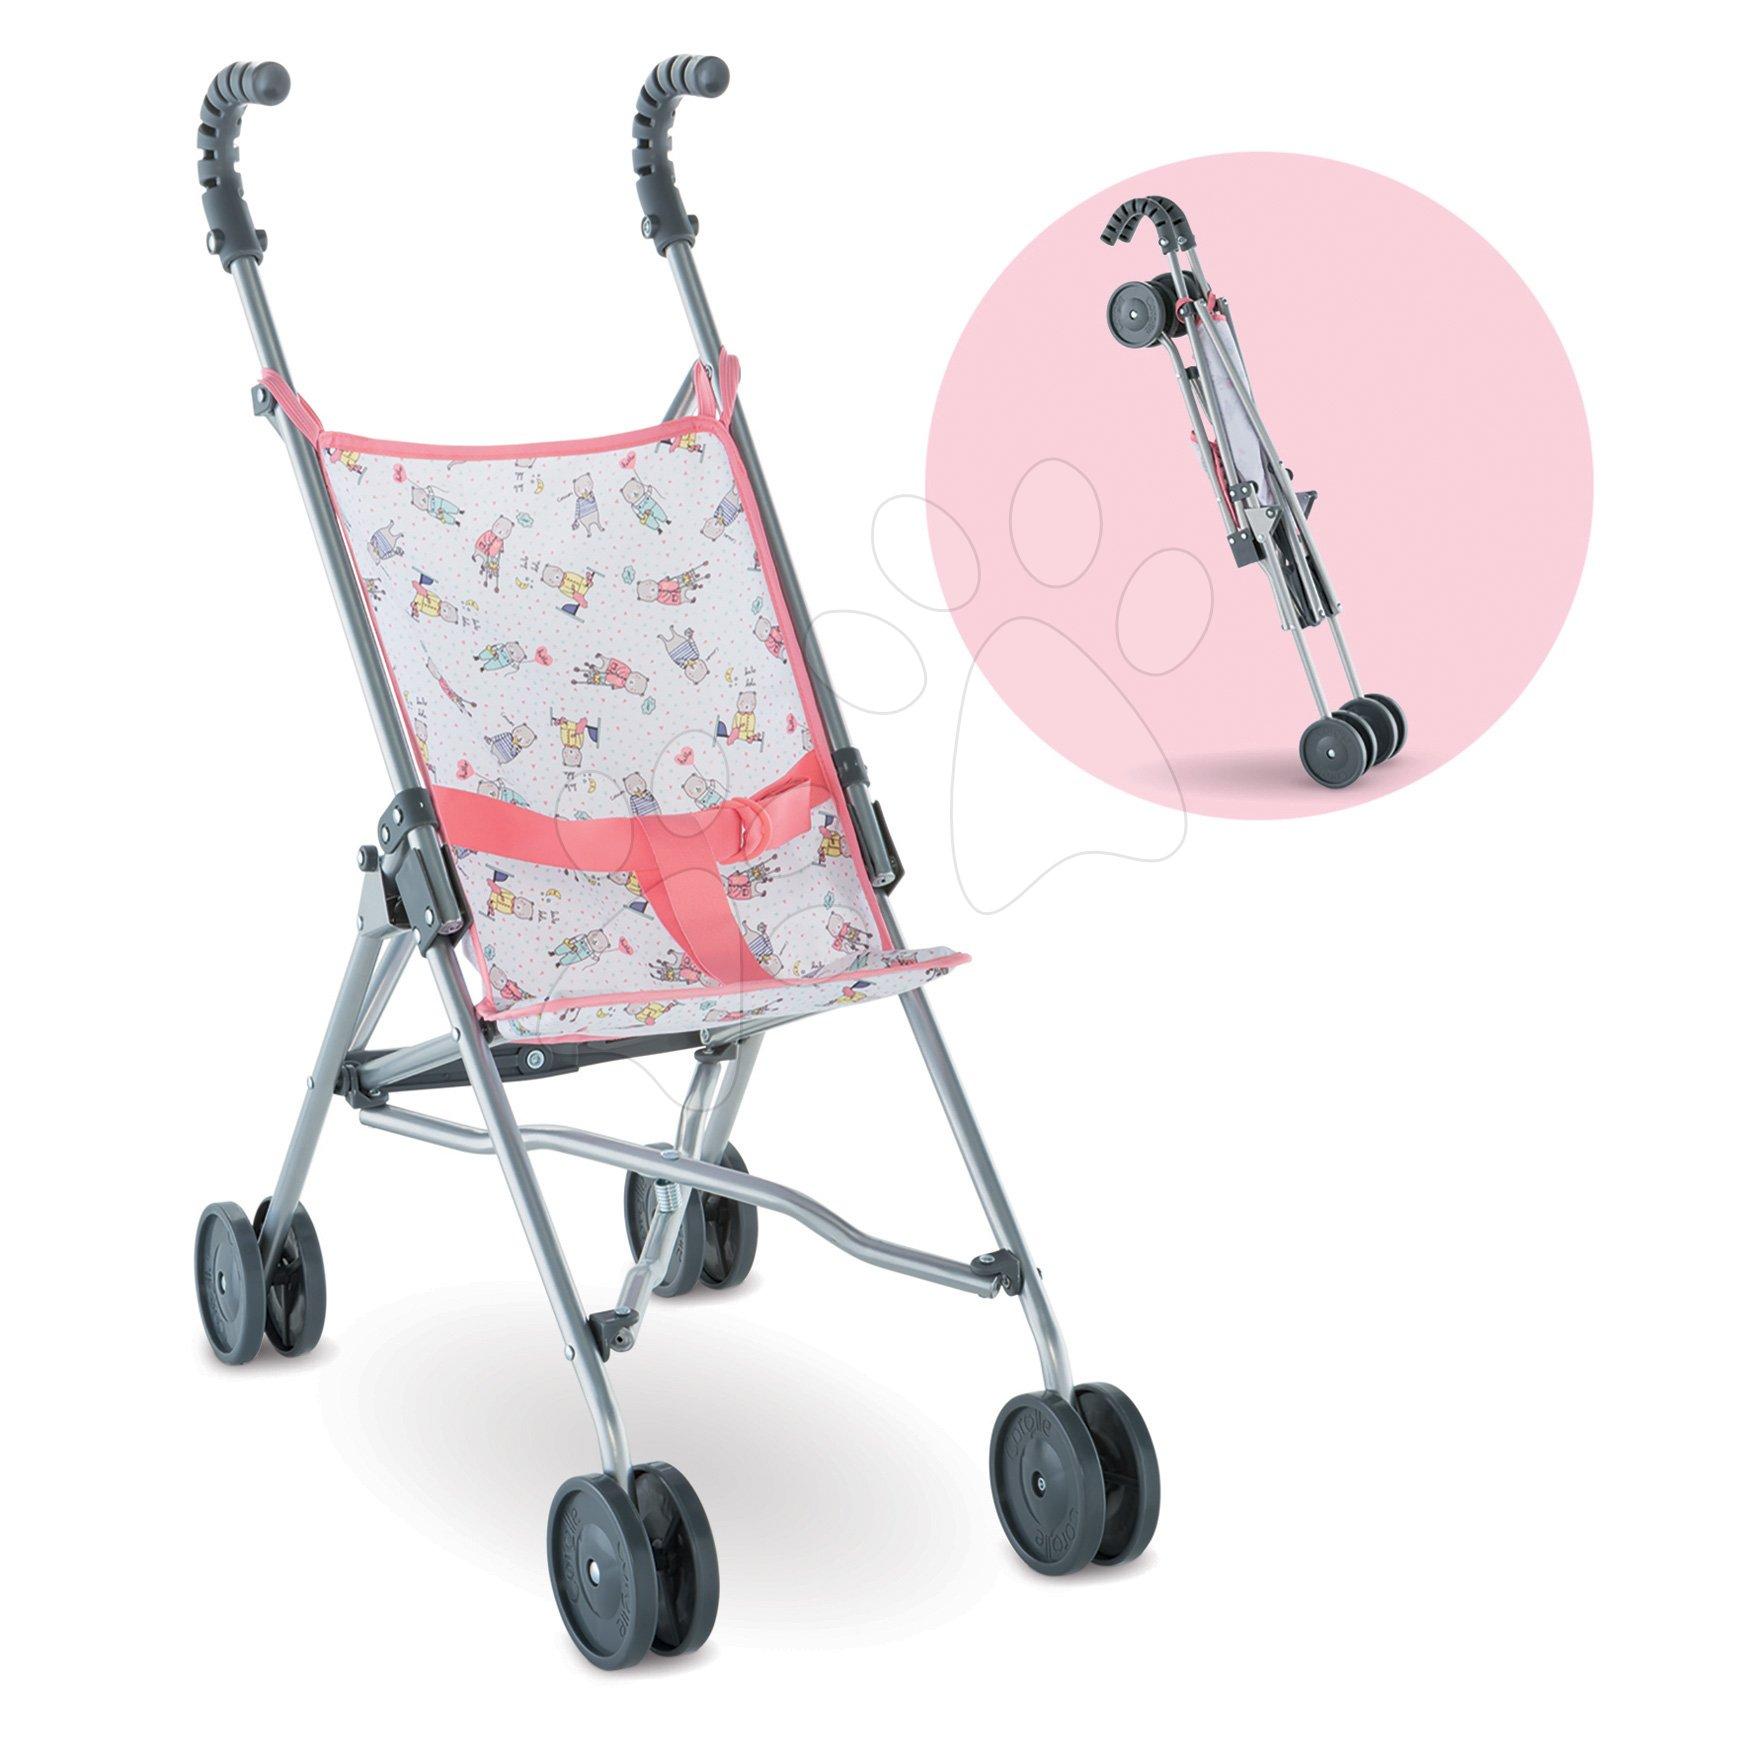 Kočárek Umbrella Stroller Mon Grand Poupon Corolle skládací pro 36-42 cm panenku od 24 měs